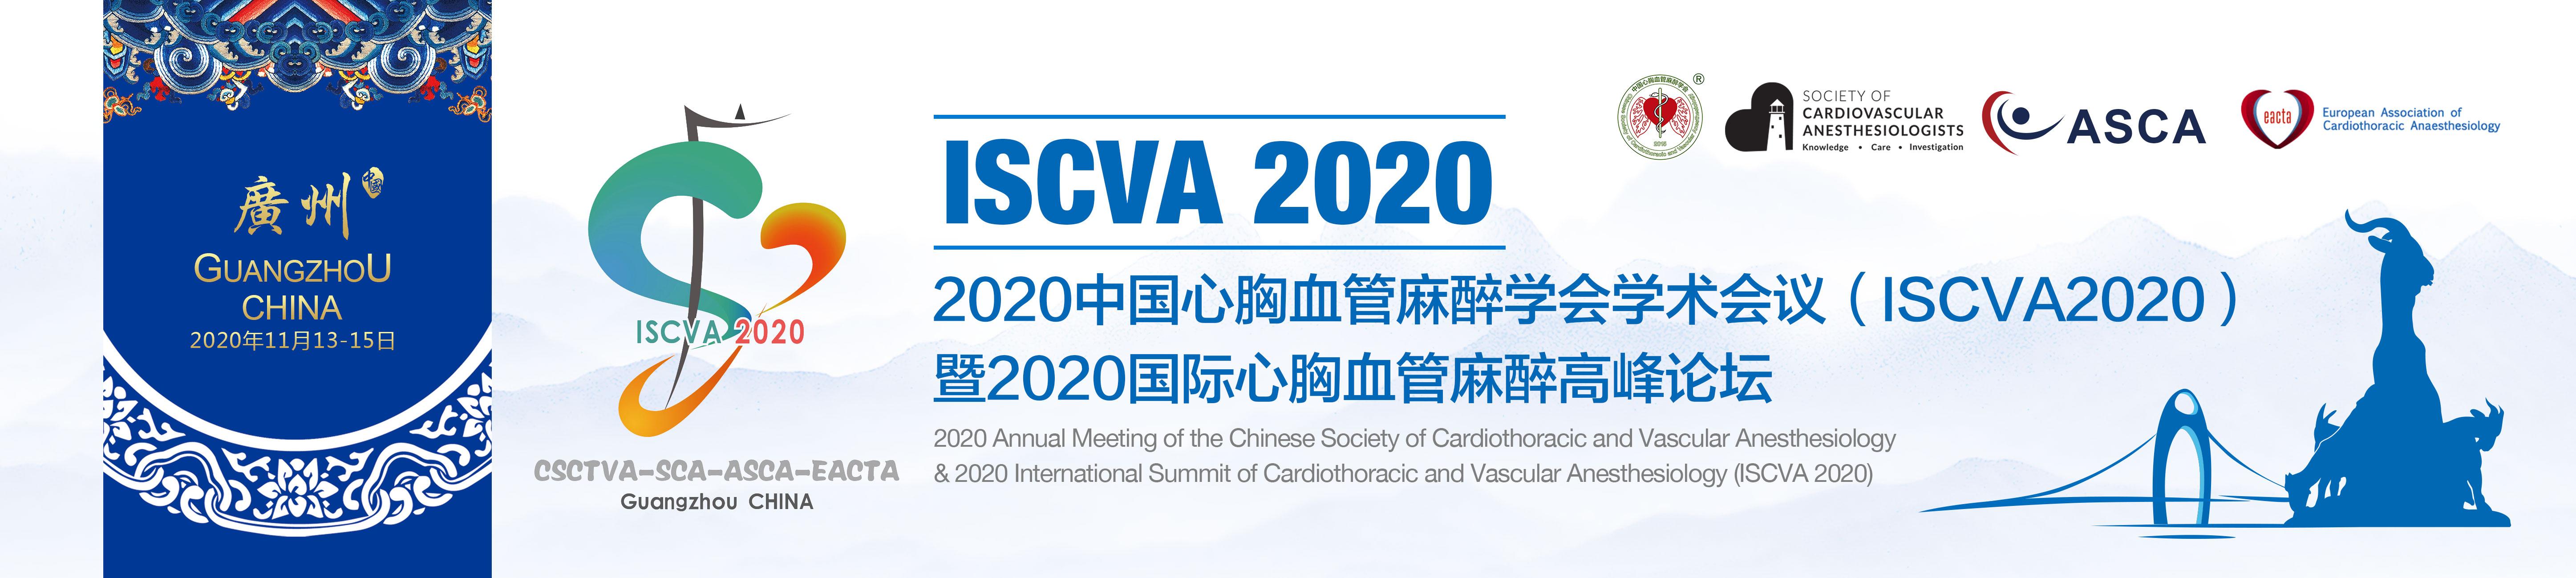 2020国际心胸血管麻醉高峰论坛 (ISCVA 2020)